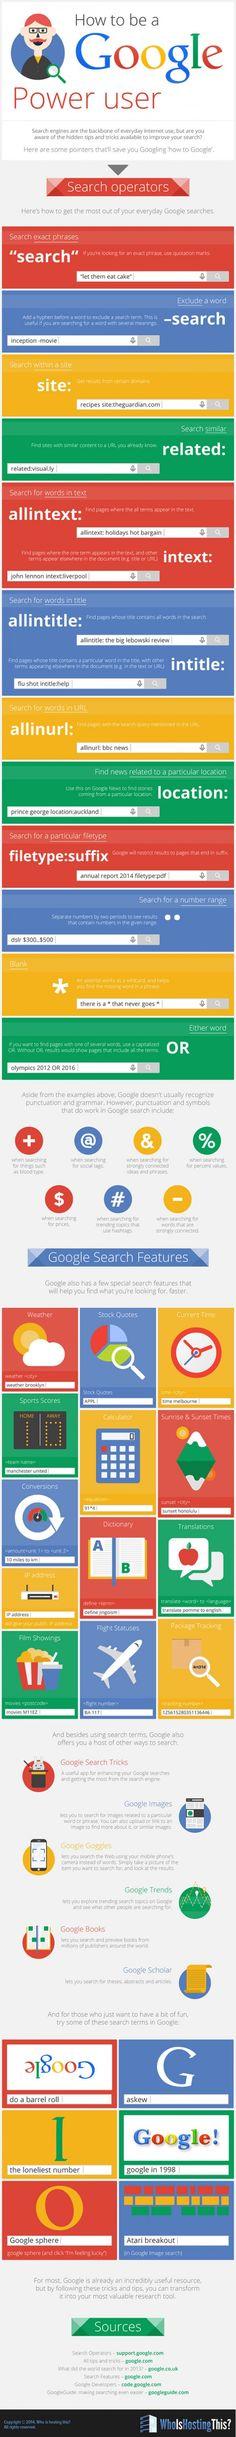 Uren verdwalen tussen de zoekresultaten van Google: er is zoveel te vinden! Maak het jezelf gemakkelijker met deze tips voor de zoekbalk.